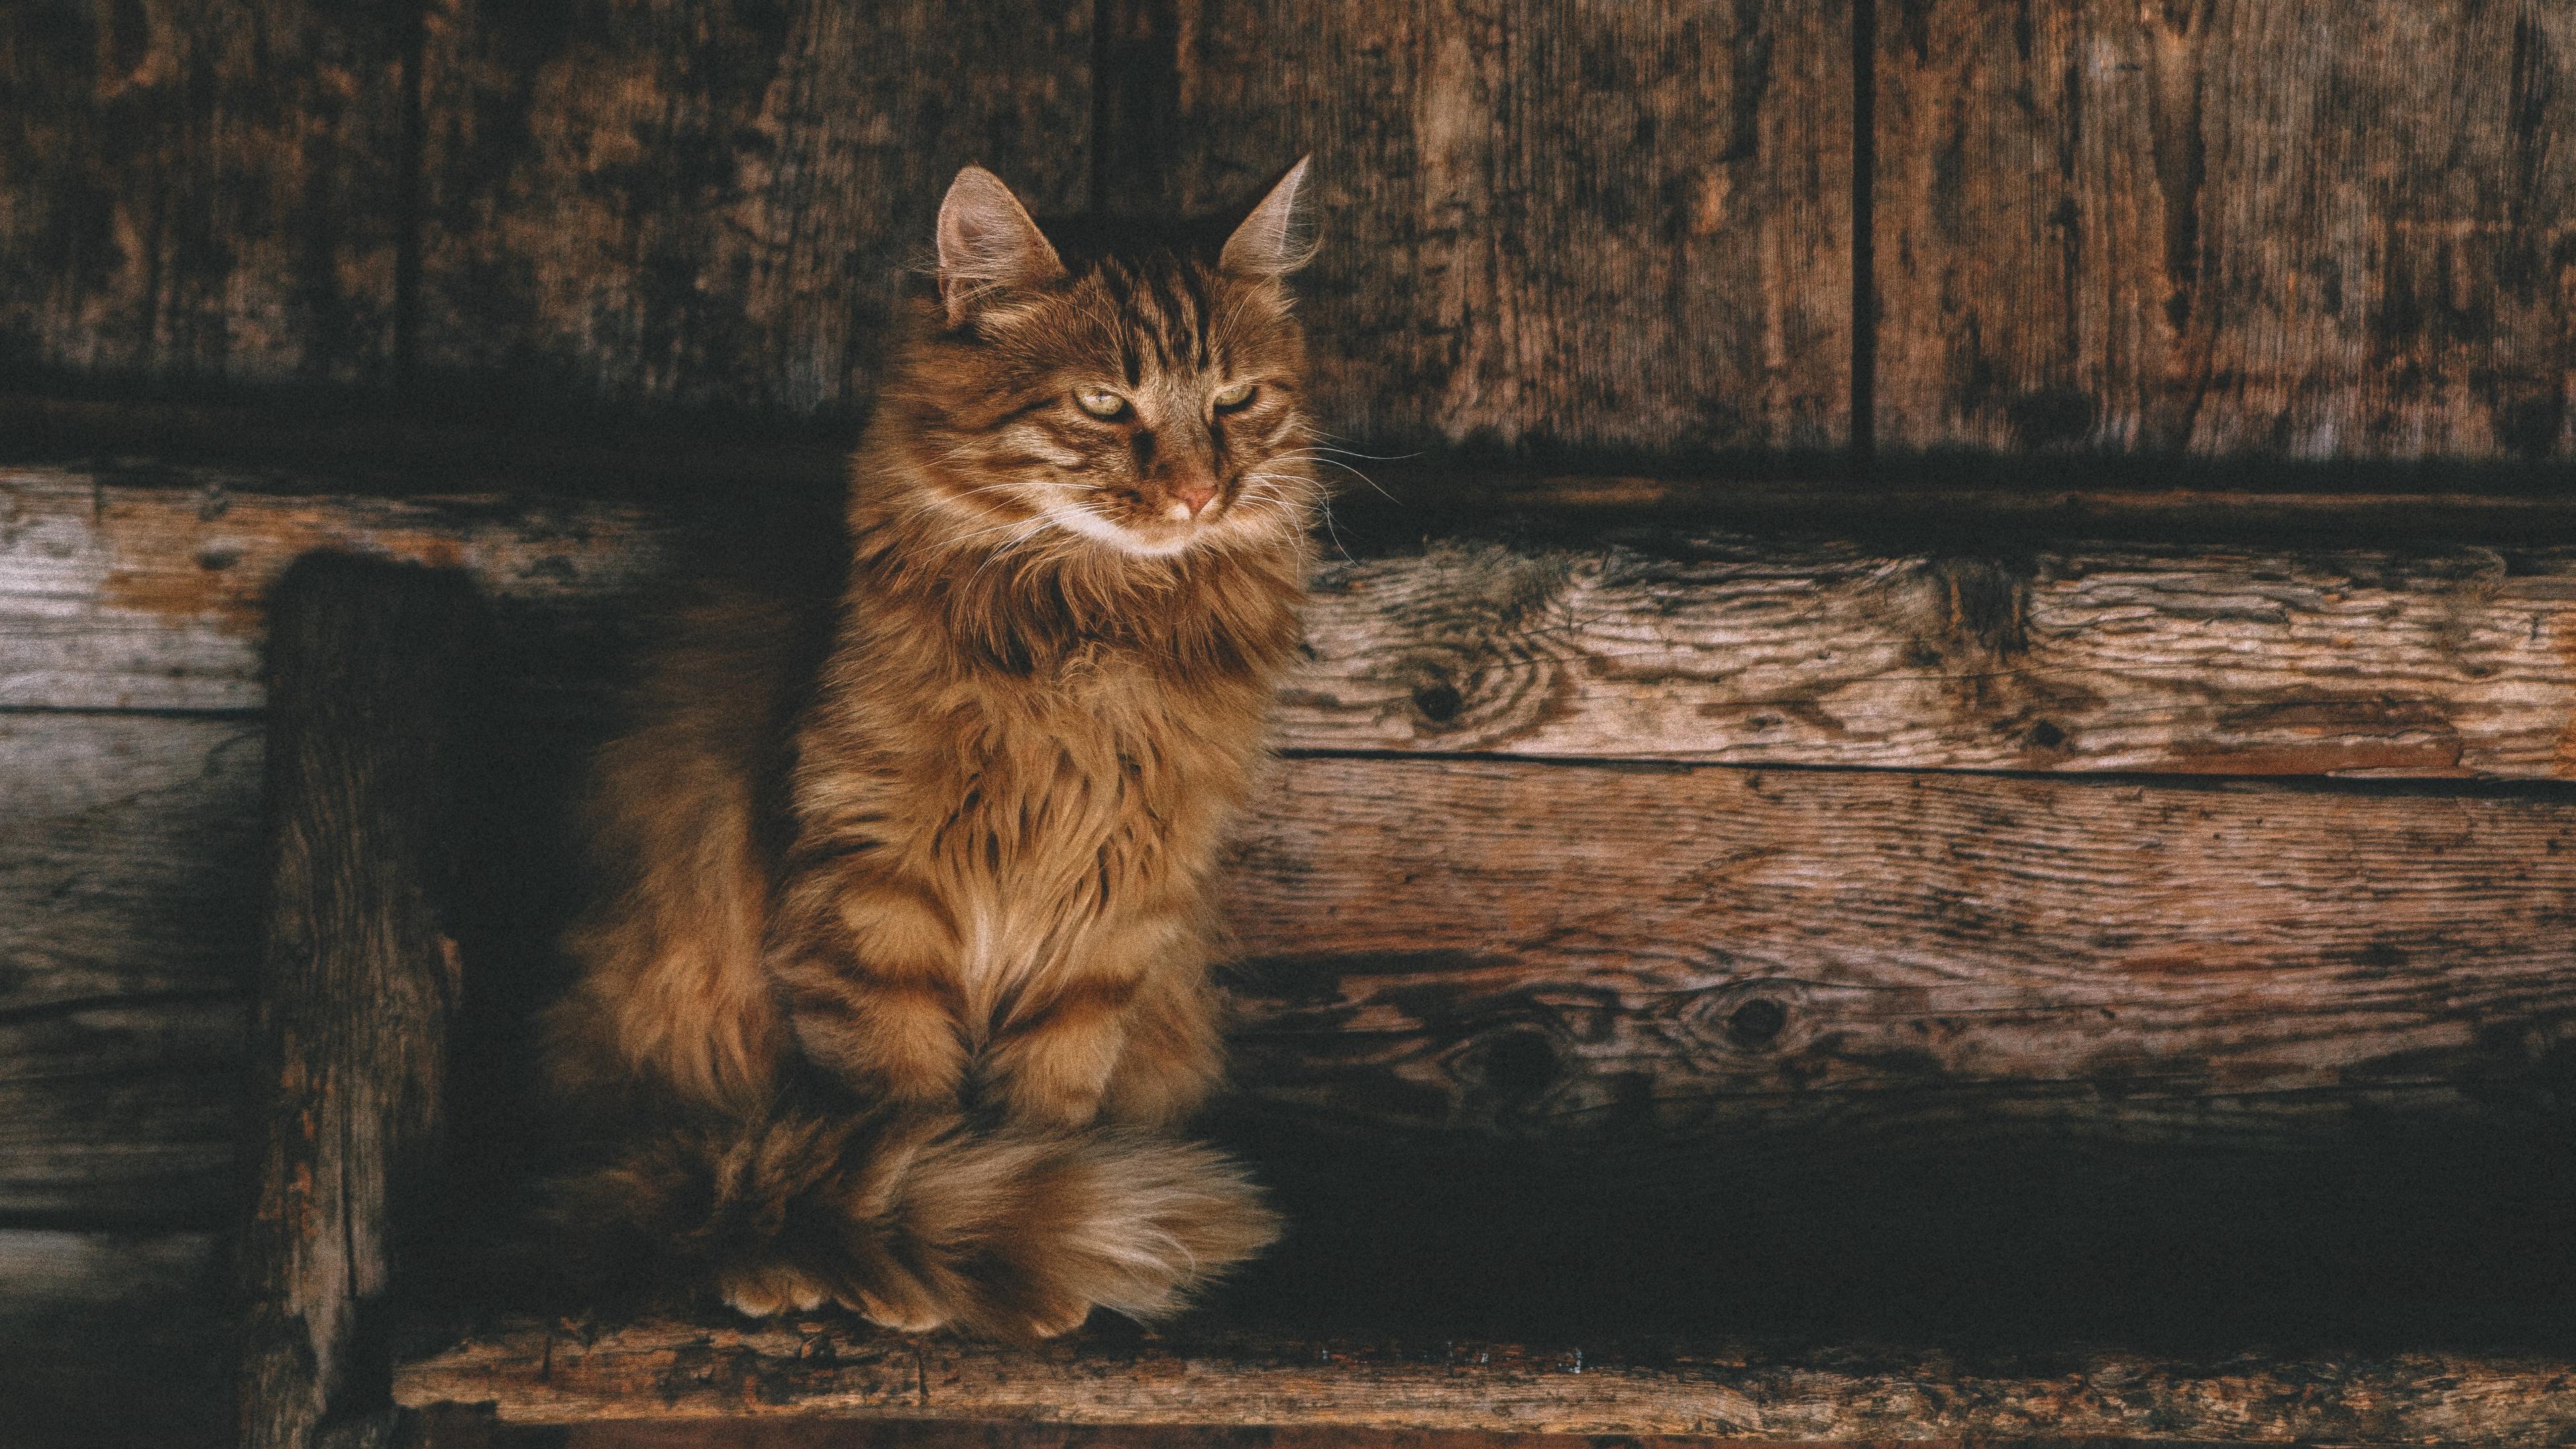 persian cat 4k 1542239640 - Persian Cat 4k - persian cat wallpapers, hd-wallpapers, cat wallpapers, animals wallpapers, 4k-wallpapers